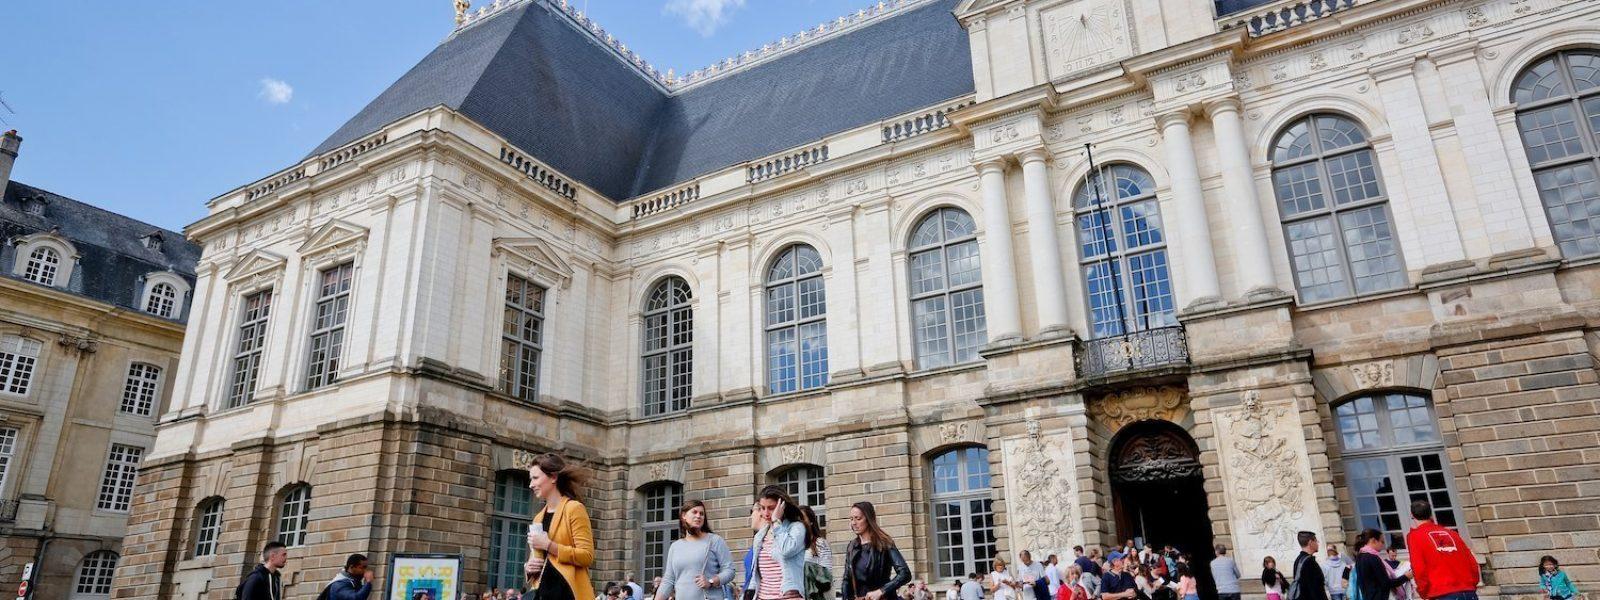 Journées du patrimoine au Parlement de Bretagne